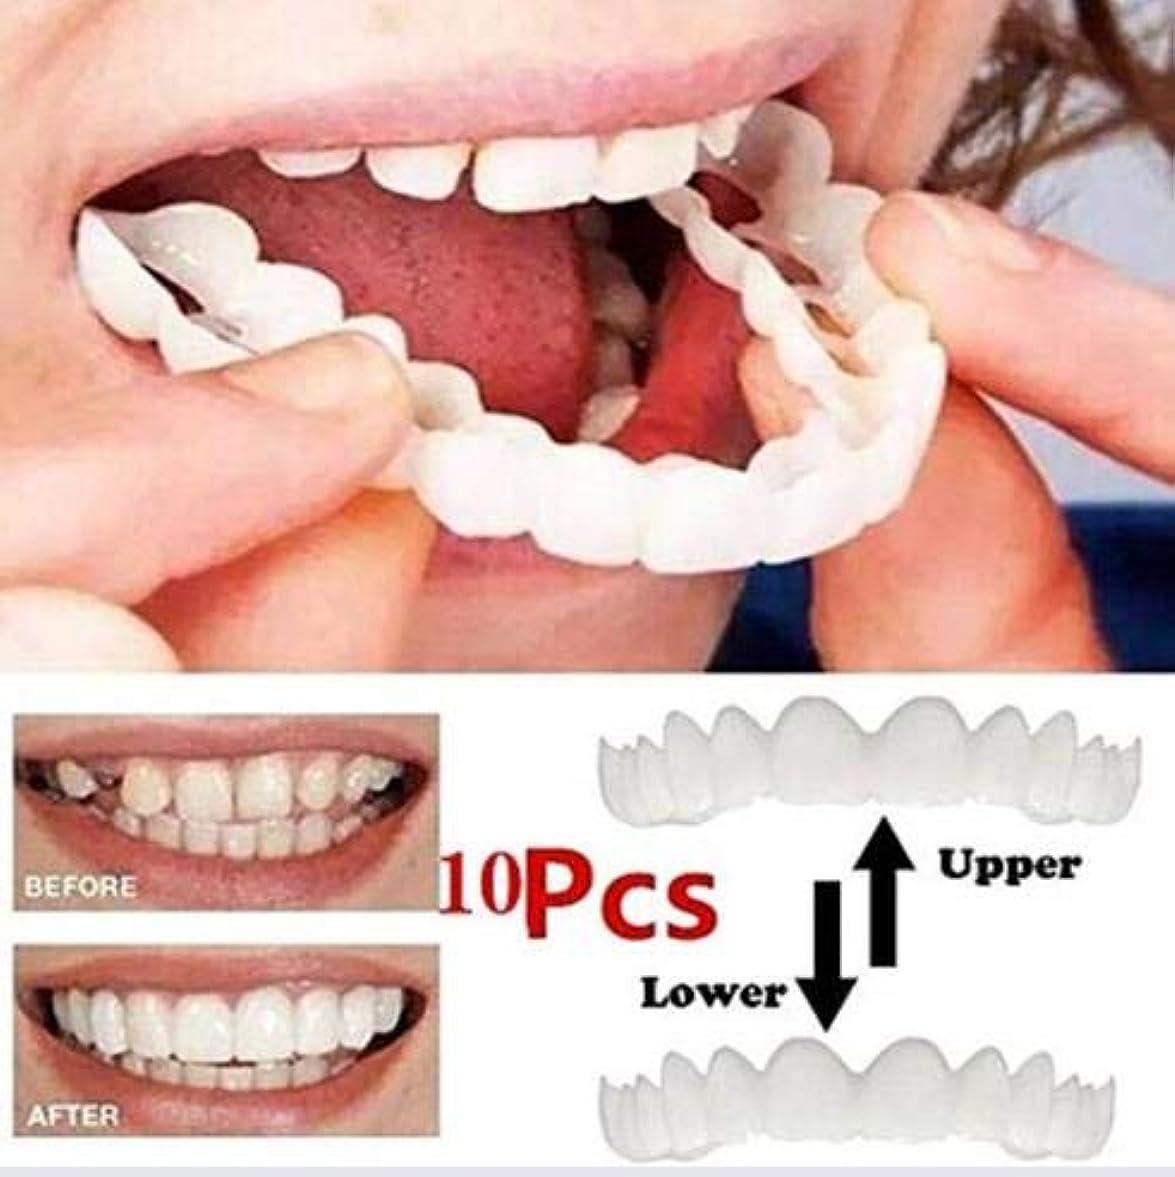 エレクトロニック欲しいです個人5セットアッパー+ロア再使用可能成人ホワイトニング義歯フィットフレックス化粧品歯快適なベニヤカバーデンタルケアアクセサリー